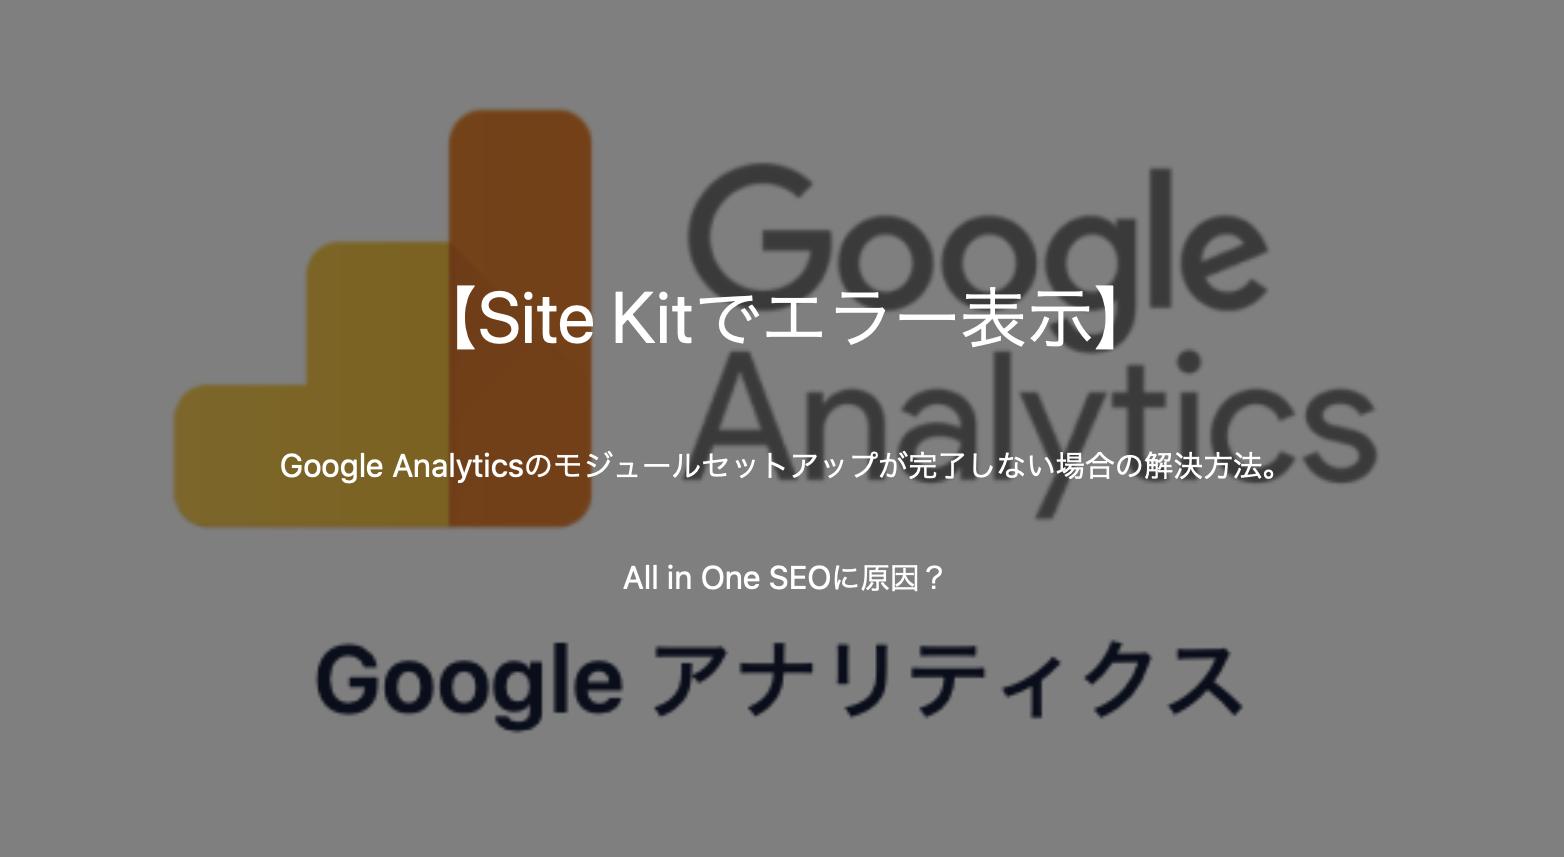 【Site Kitでエラー表示】Google Analyticsのモジュールセットアップが完了しない場合の解決方法。All in One SEOに原因?